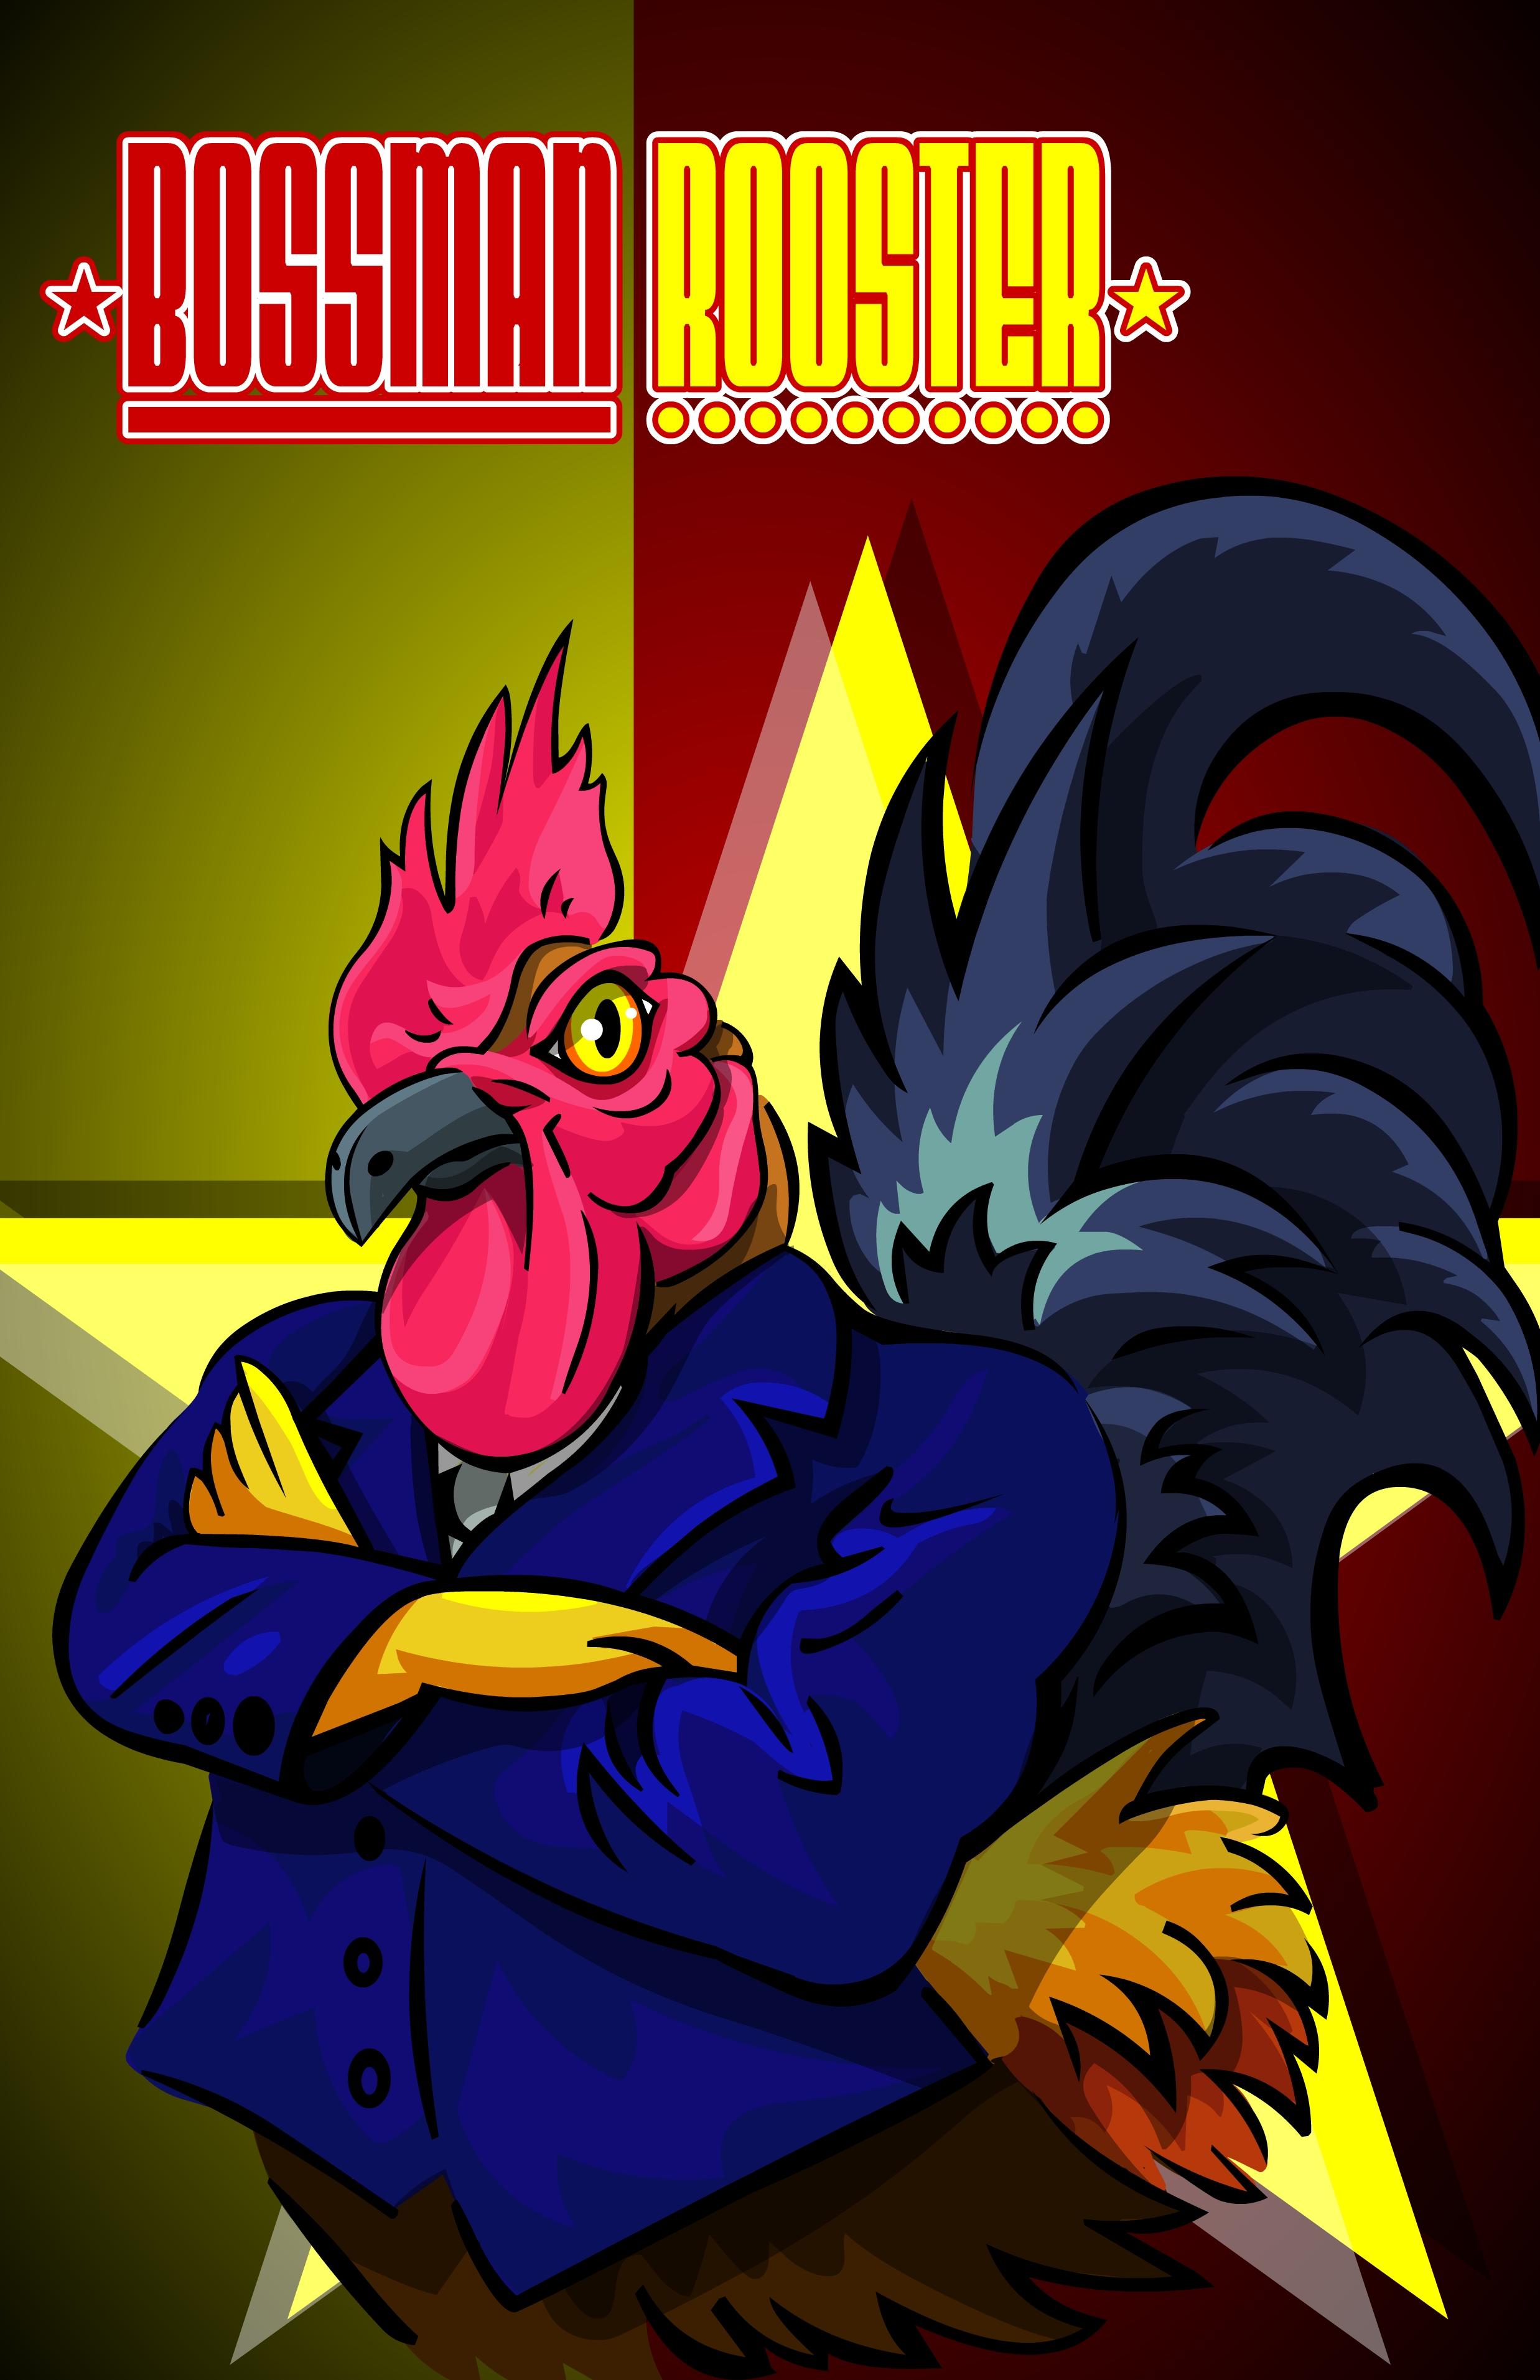 rooster2_1117.jpg